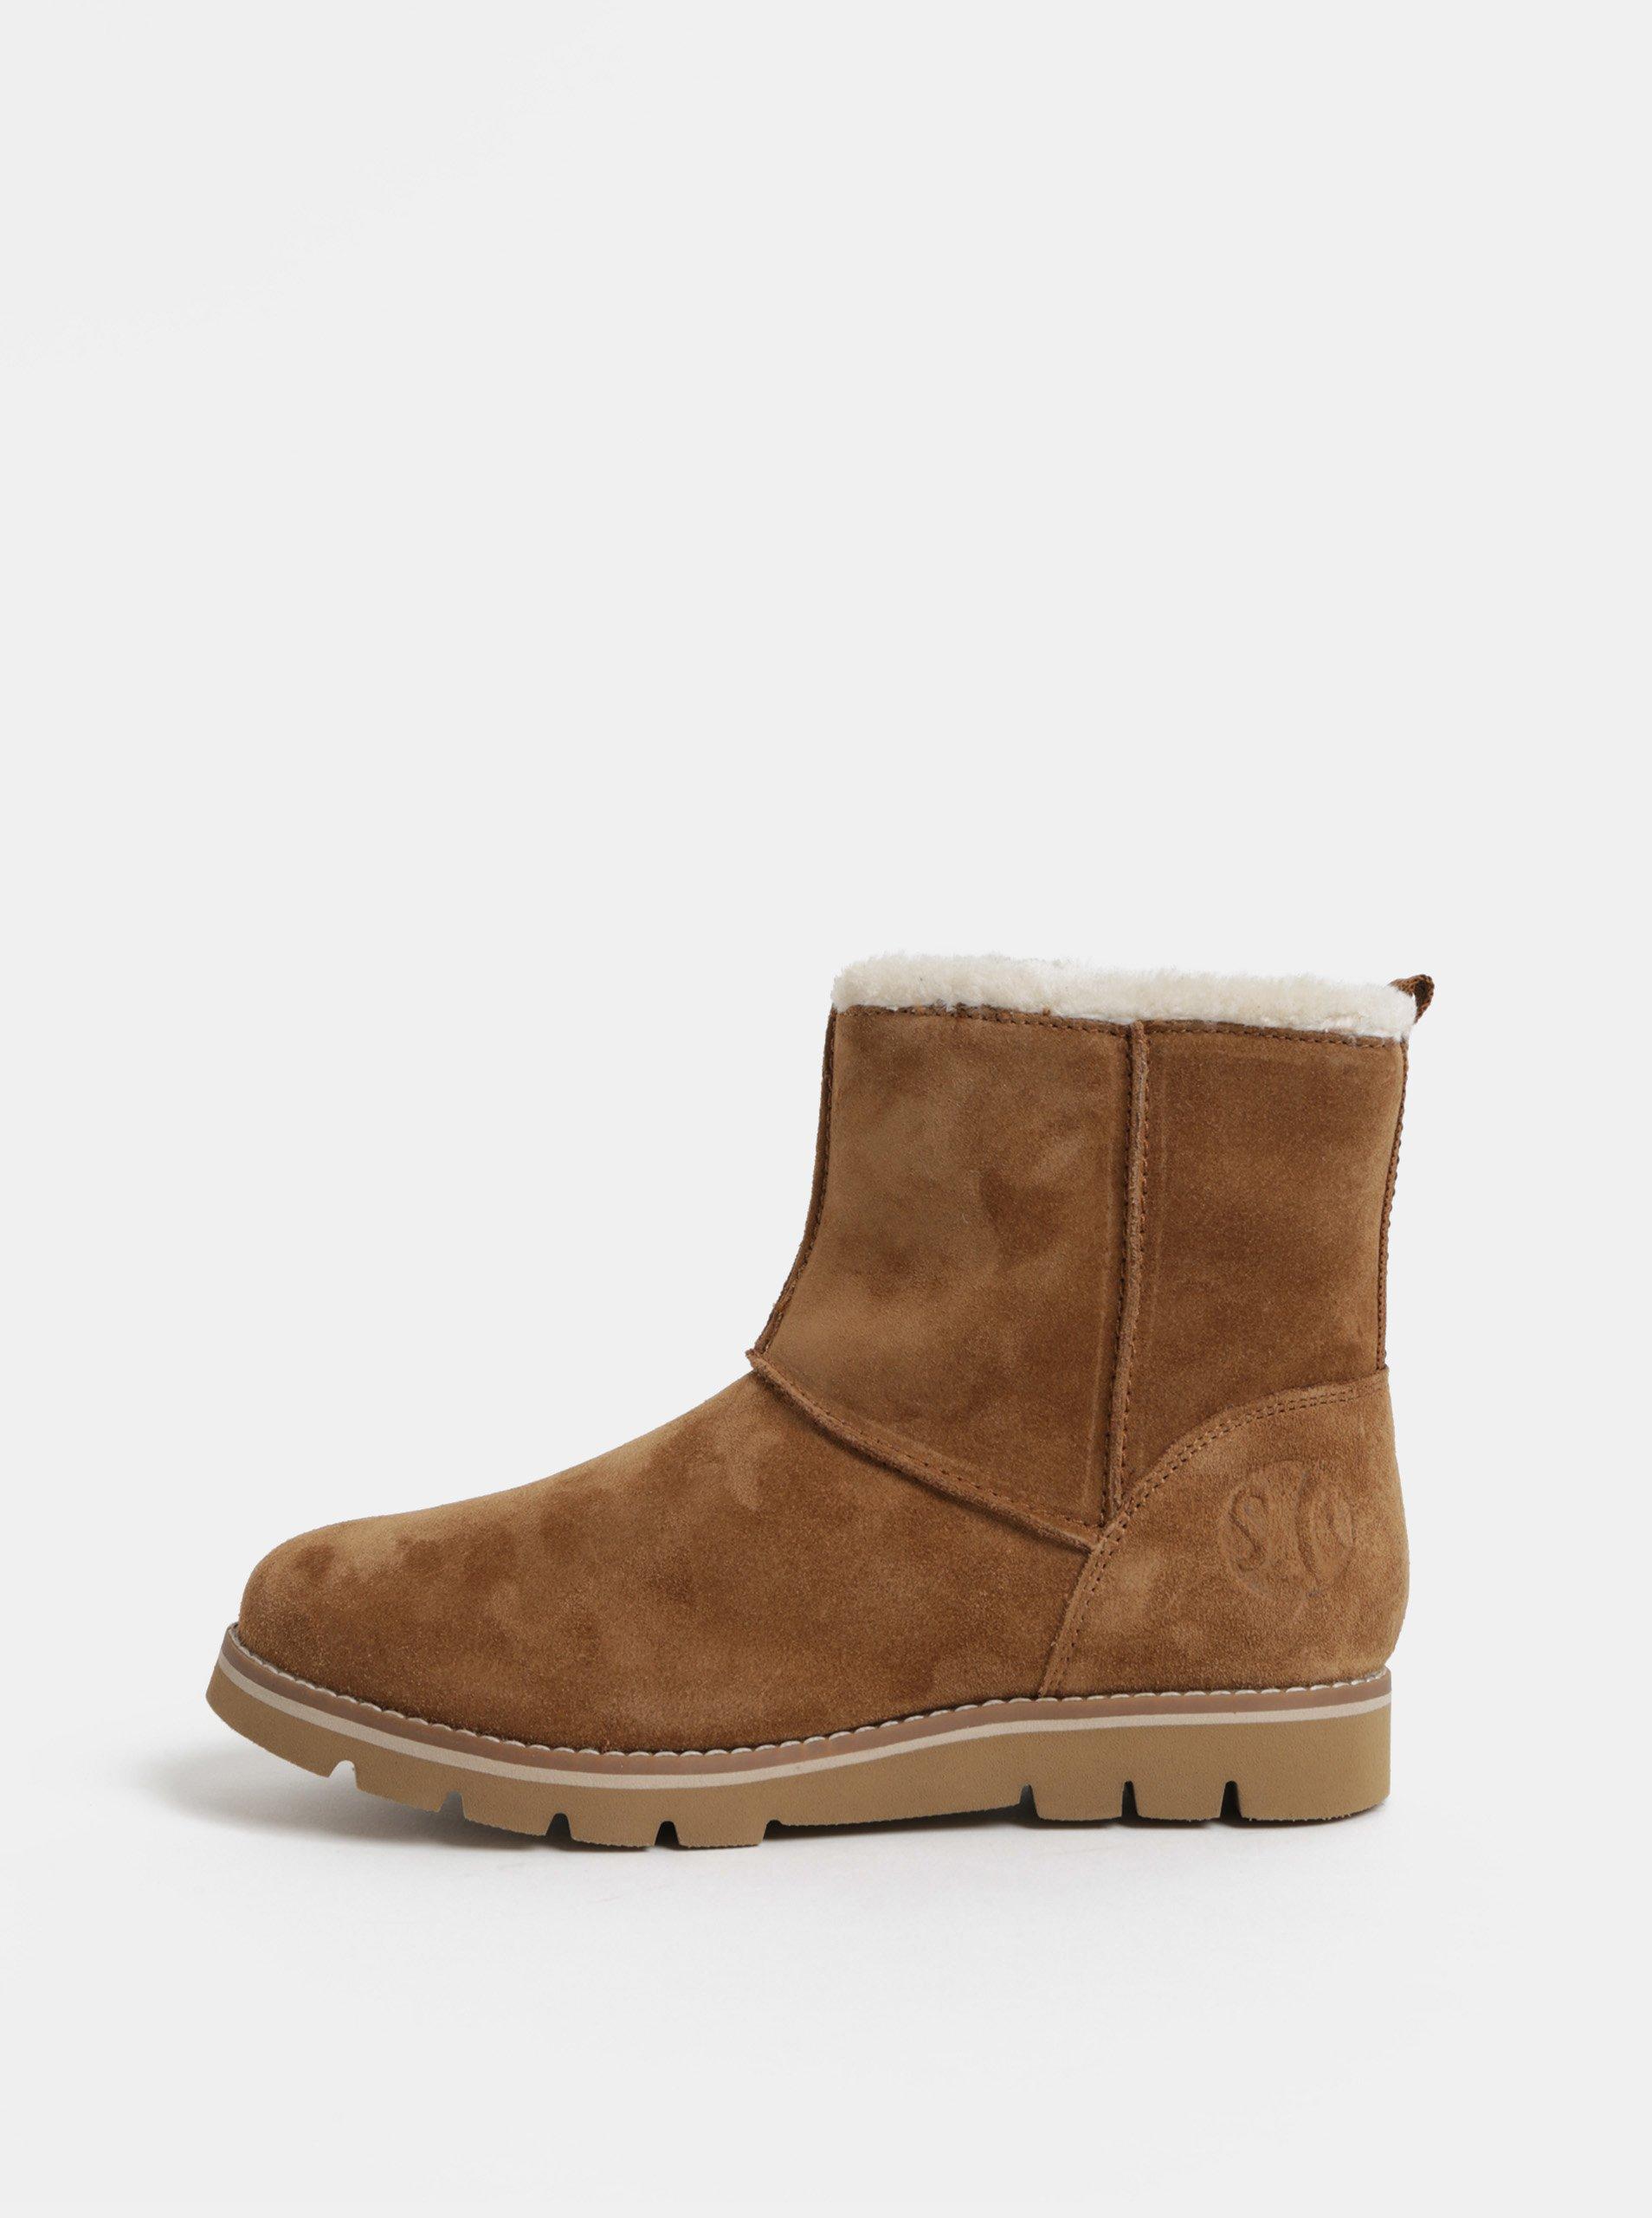 c9135e1dfe0c Hnědé dámské semišové zimní boty s umělým kožíškem s.Oliver